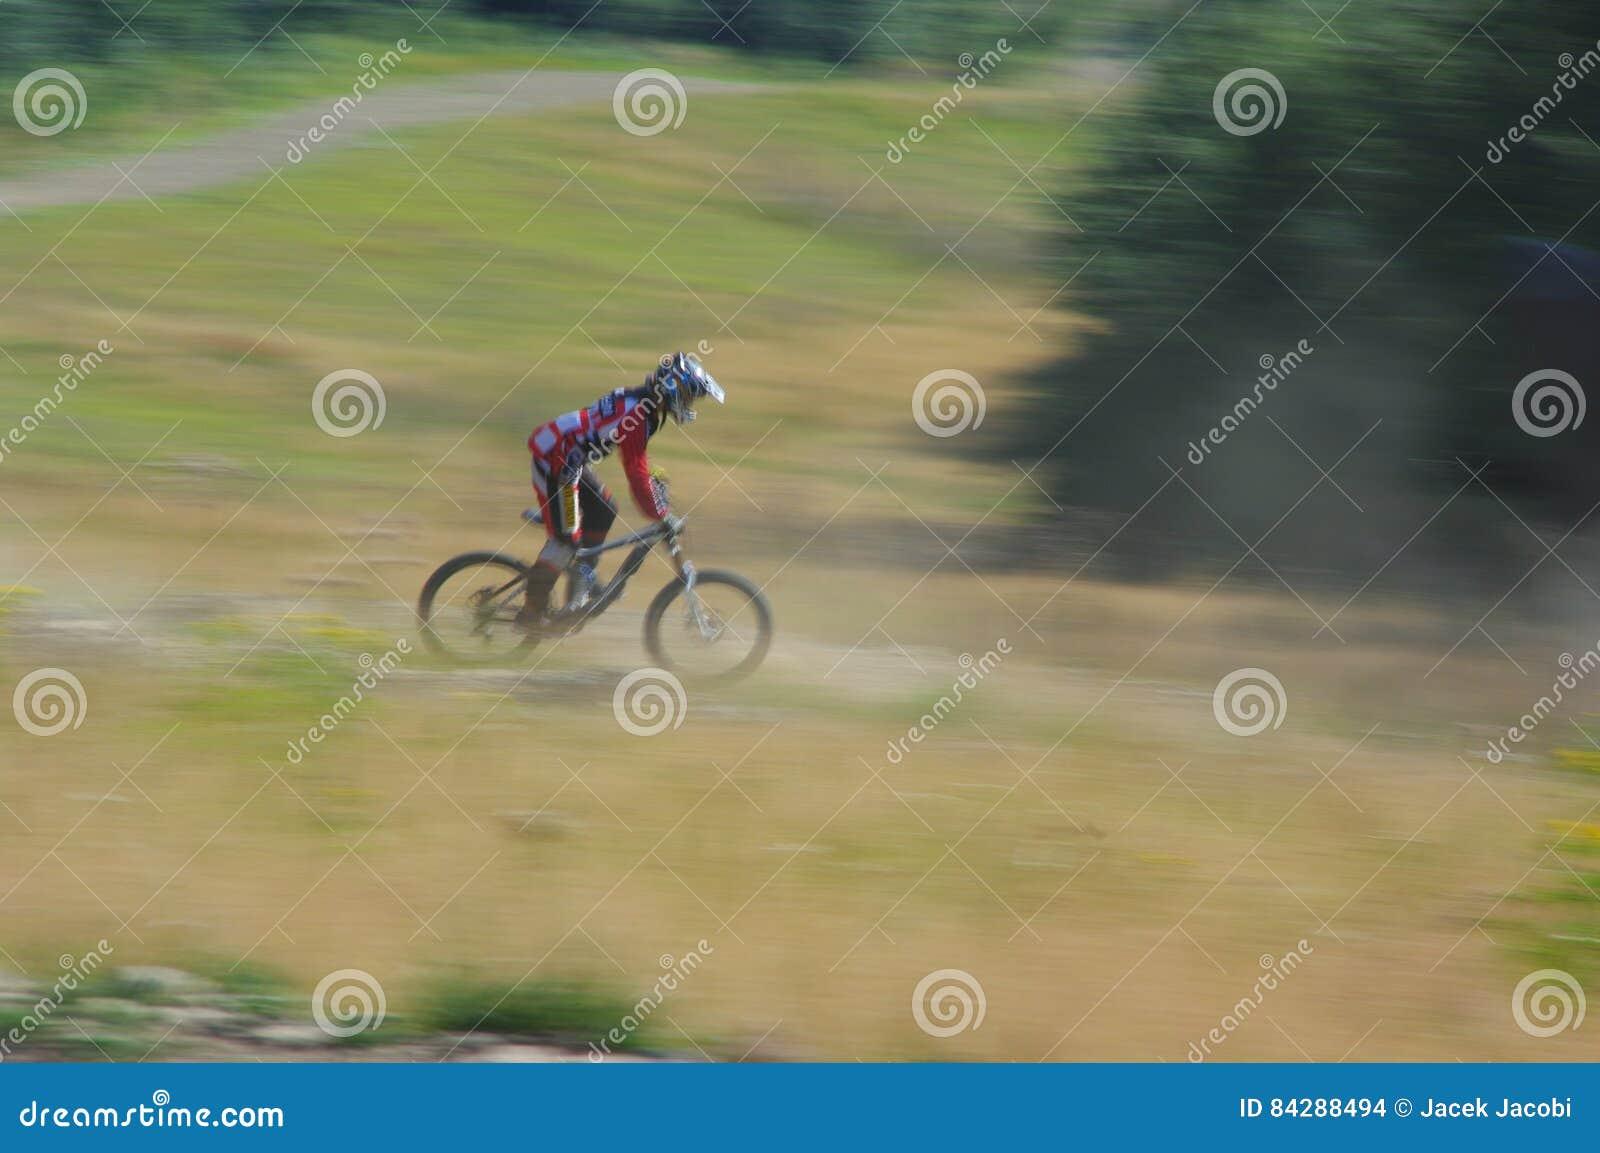 Zawoja, Polonia - 17 de agosto de 2013 downhill Ciclista desconocido que monta rápidamente en la bicicleta